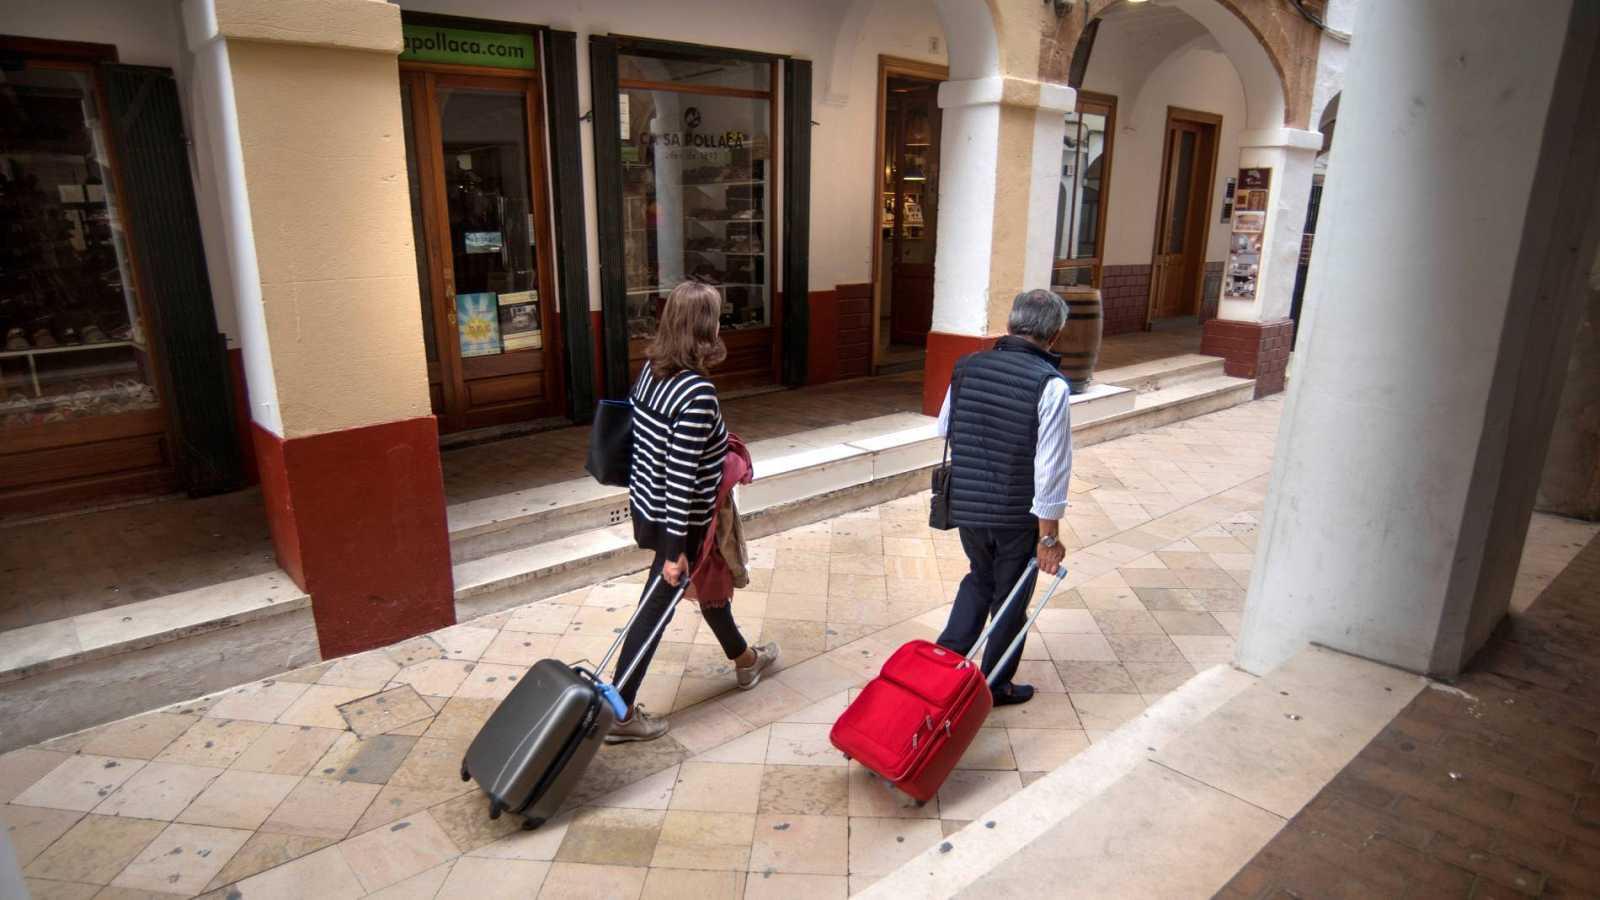 Dos turistas pasean por el casco antiguo de Ciutadella, en Menorca